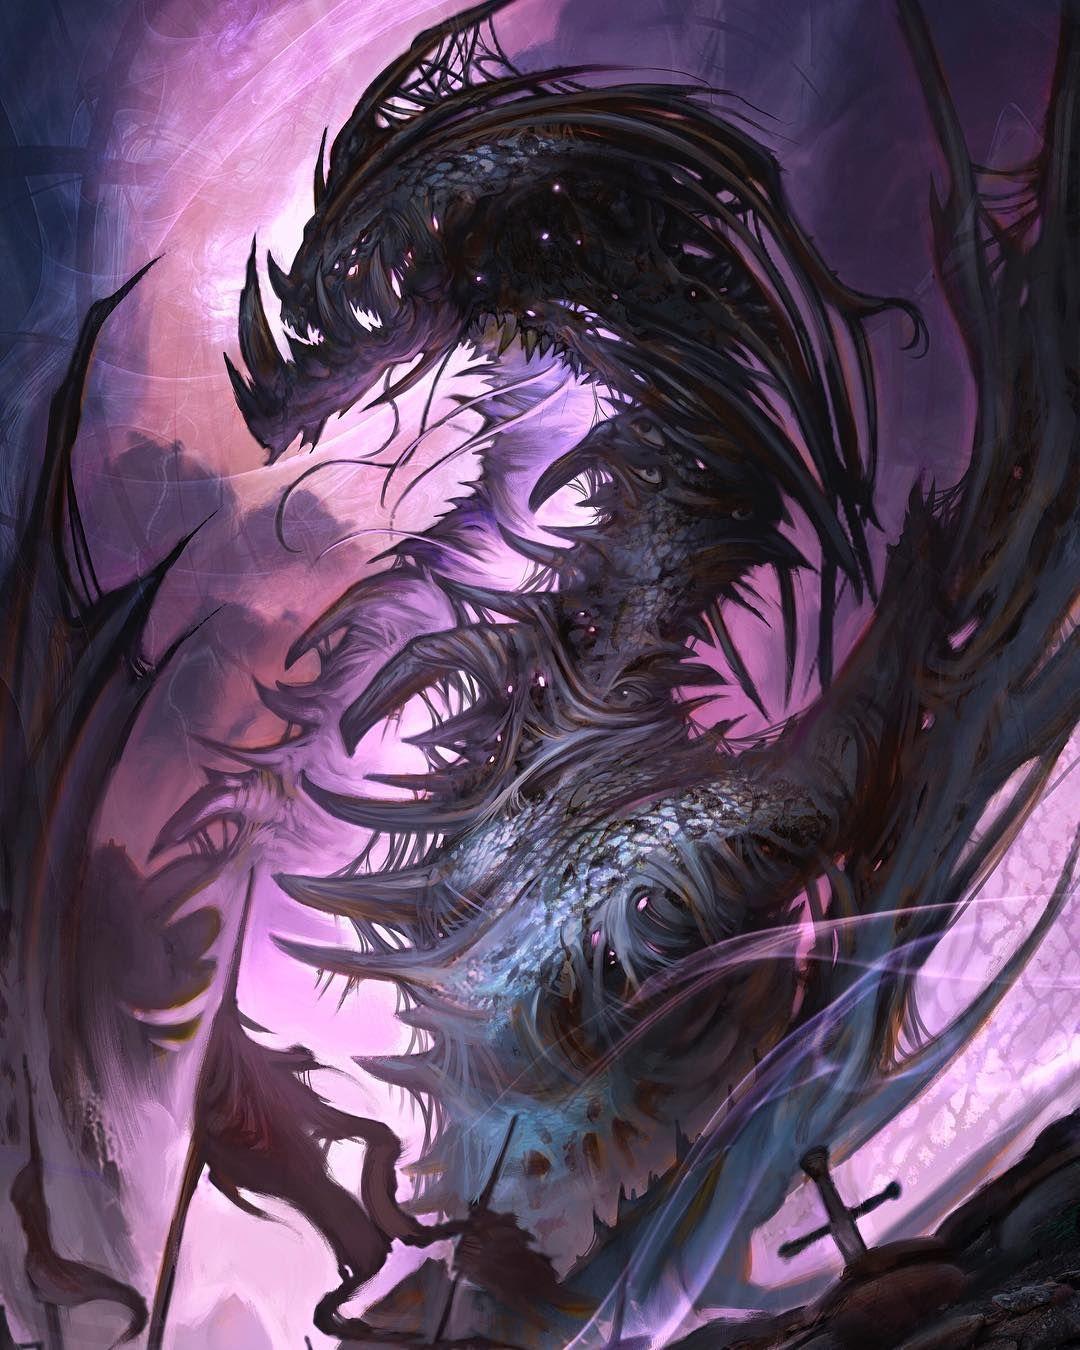 картинки с призрачными драконами поможет вам сделать